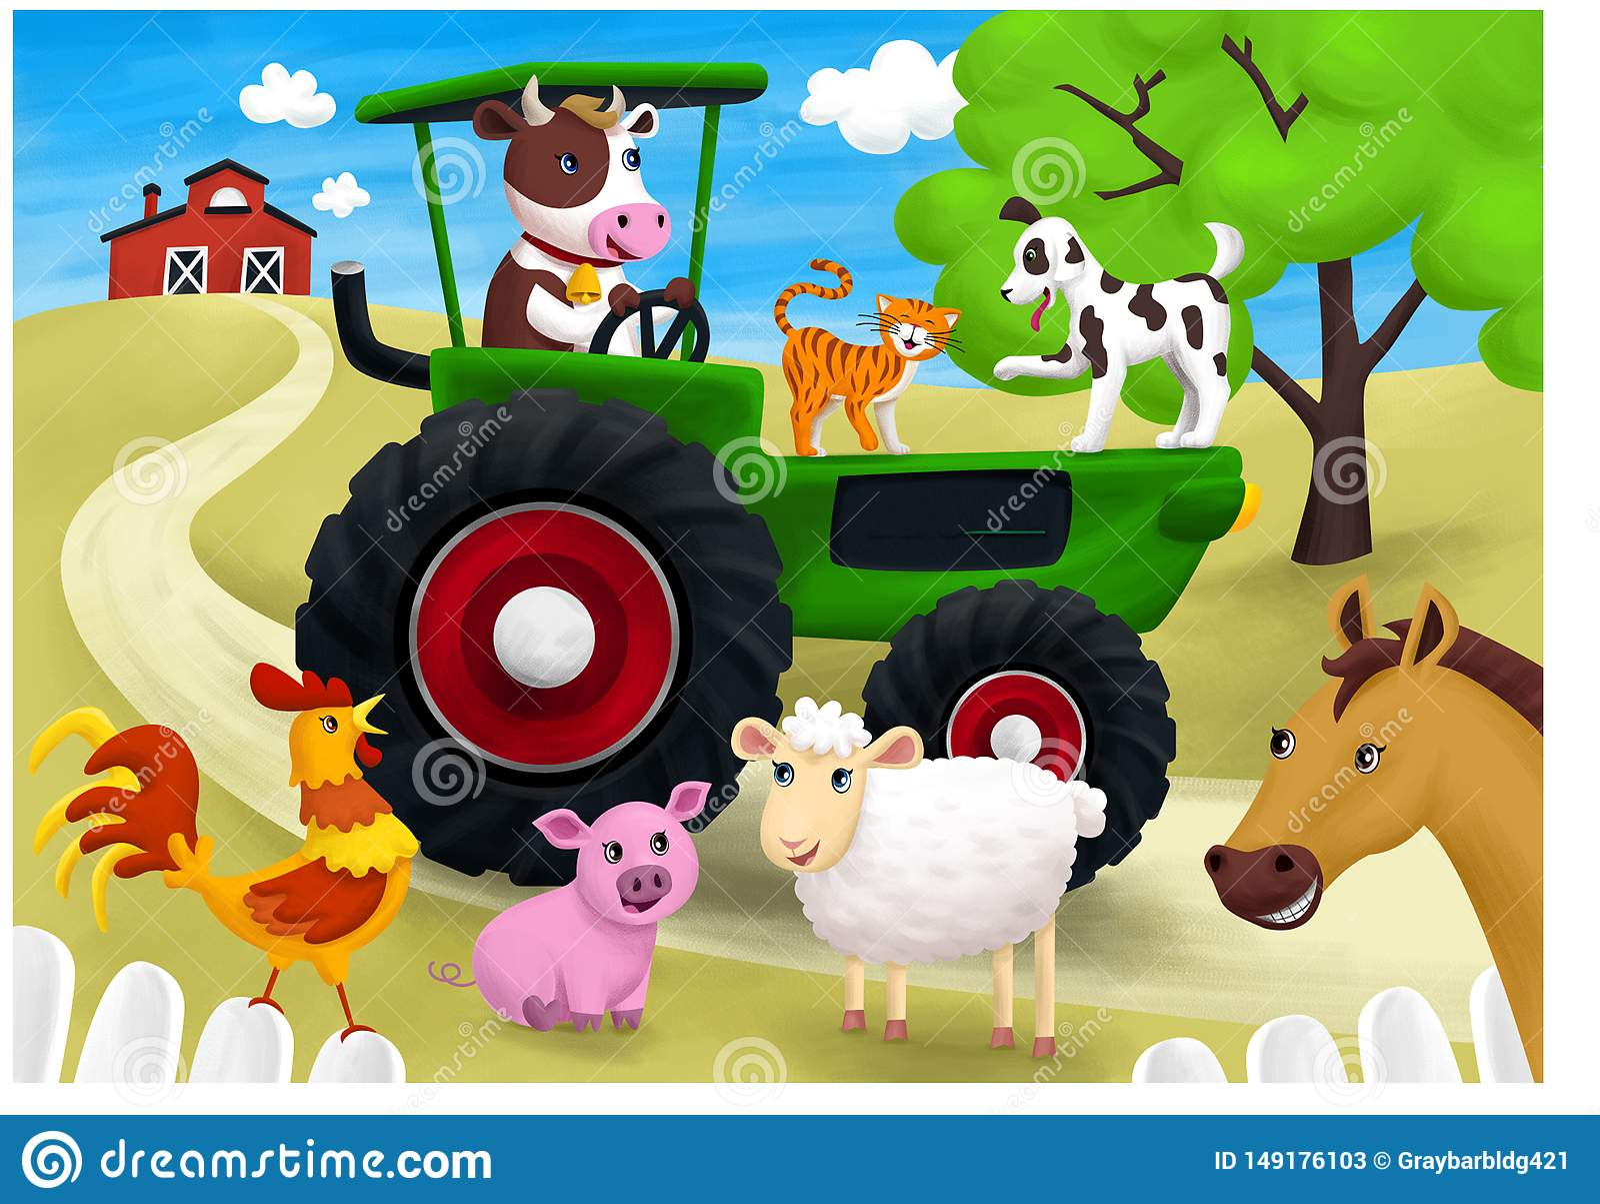 Grüner Traktor und viele Tiere auf meinem Bauernhof , Illustration